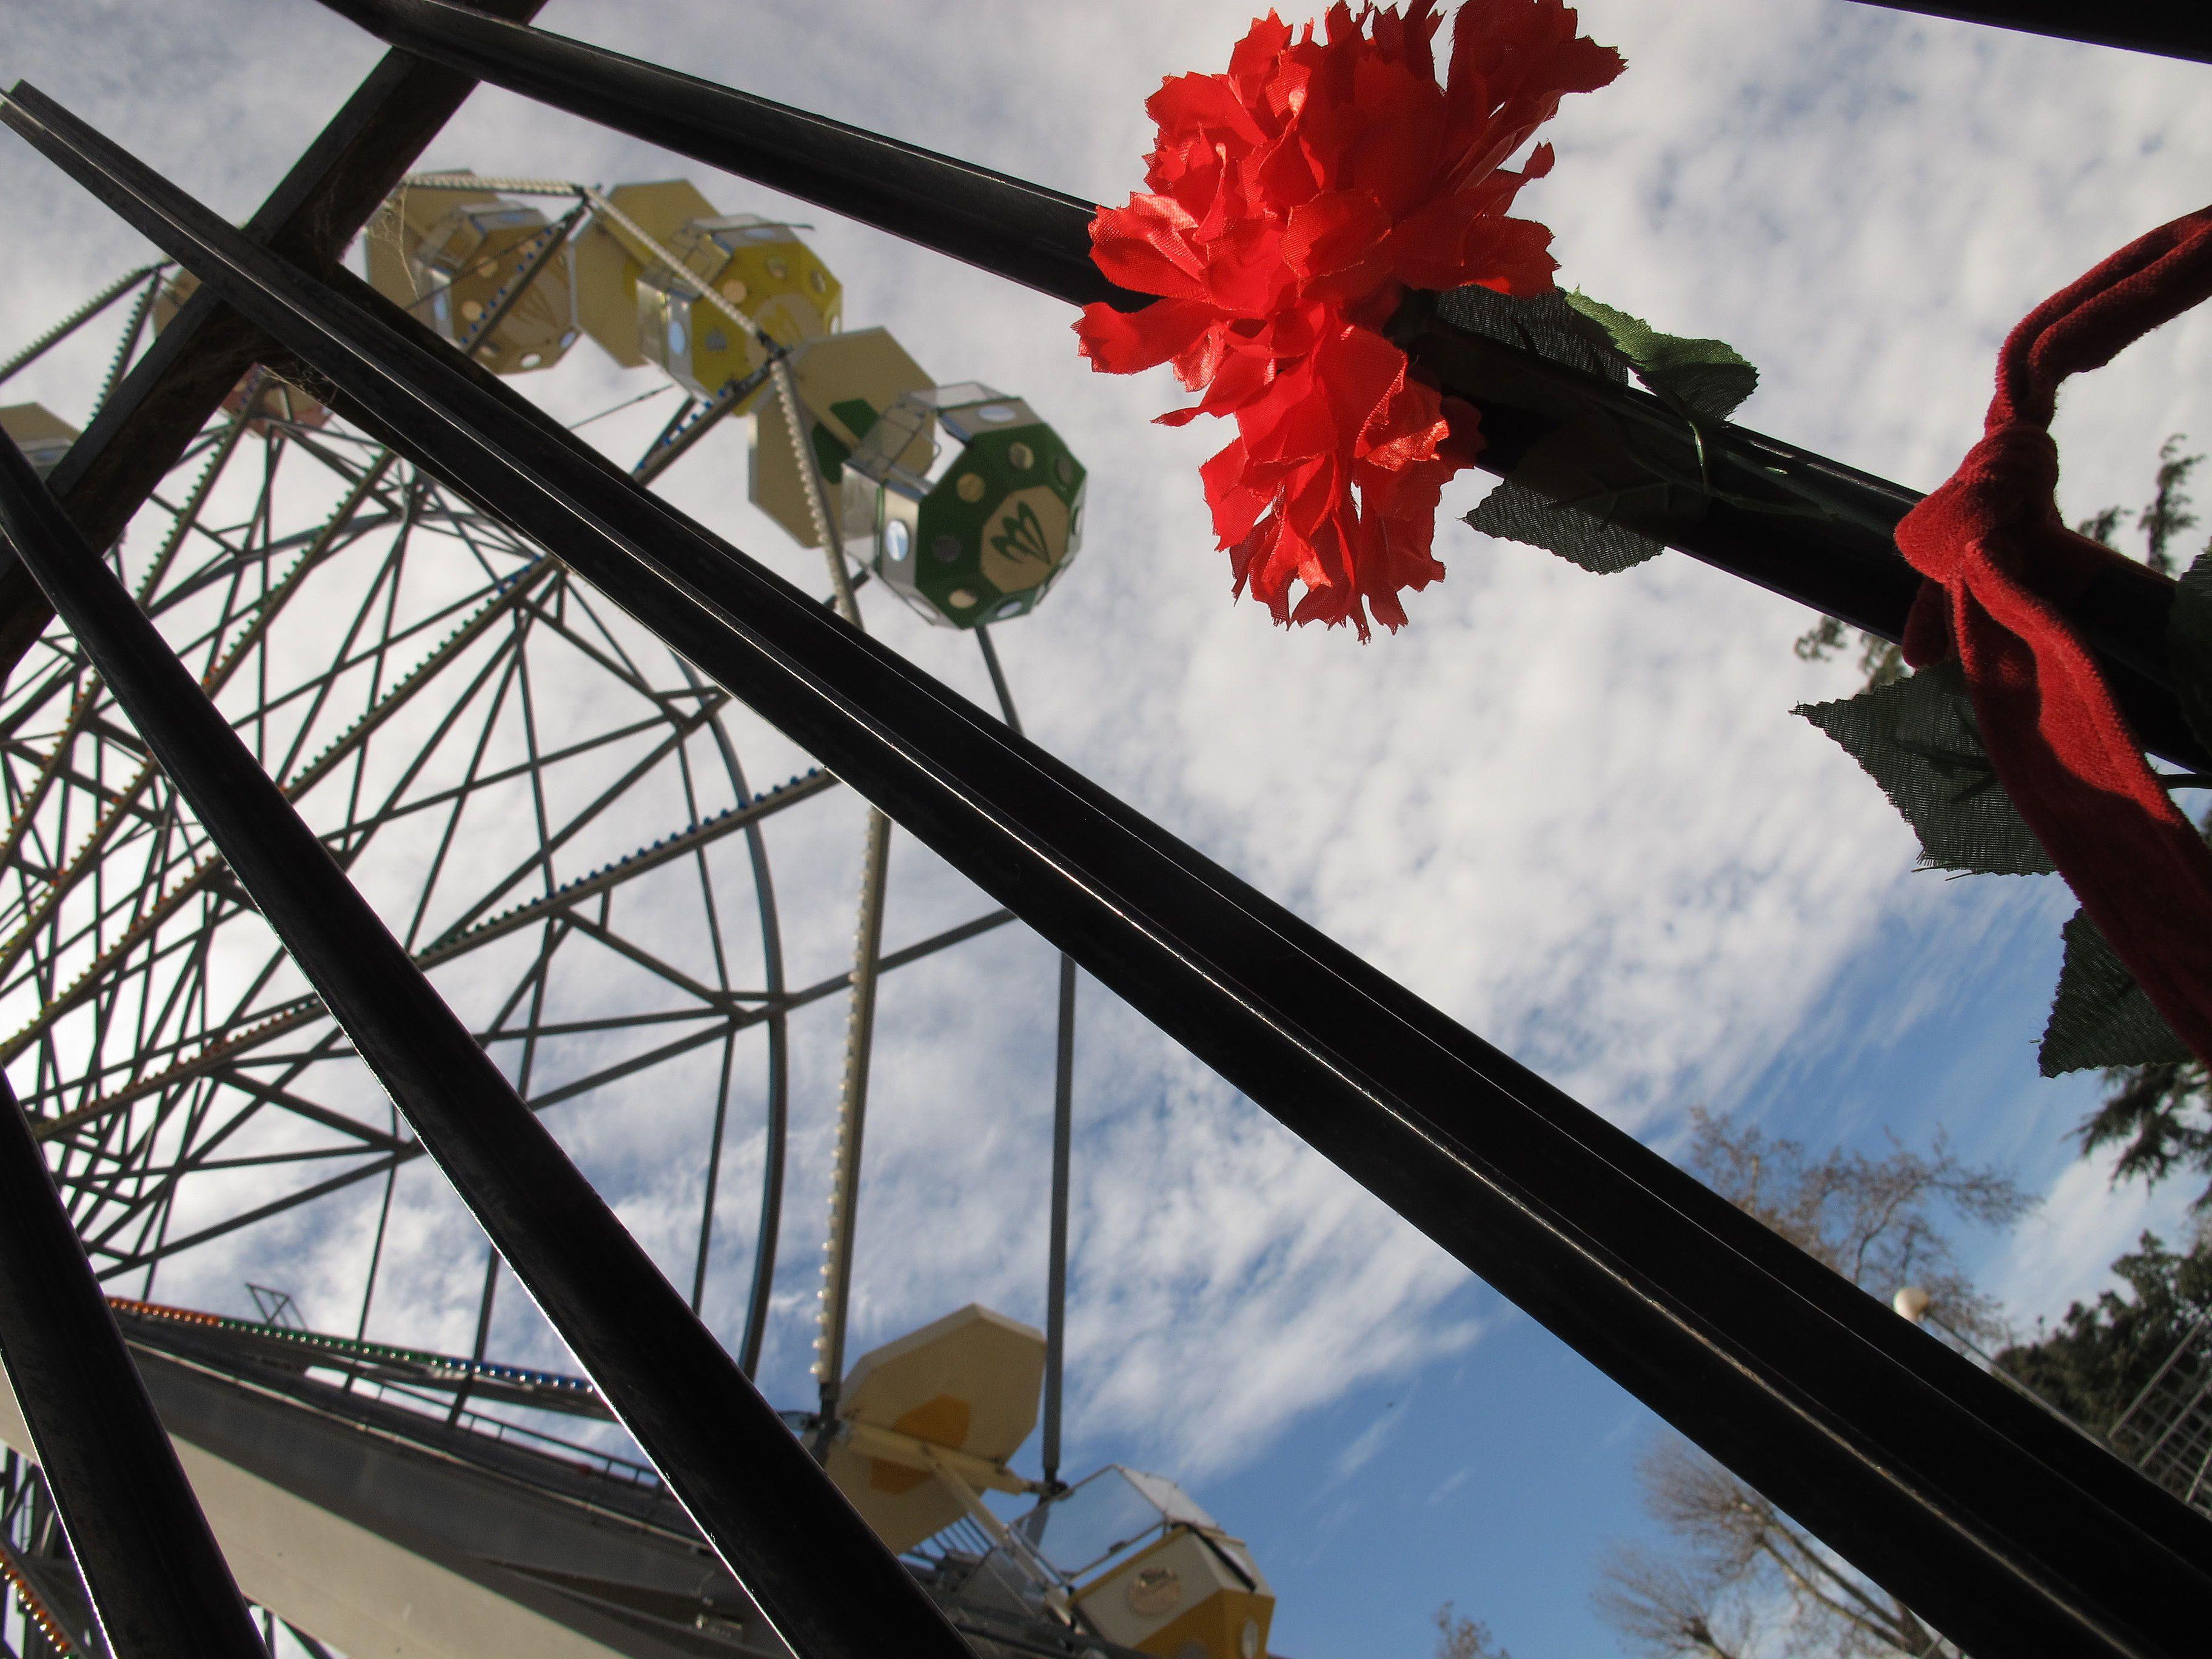 Hoy colocaron flores en el lugar de la tragedia donde ayer murieron dos personas y otras siete resultaron heridas. (Foto A. Celoria)